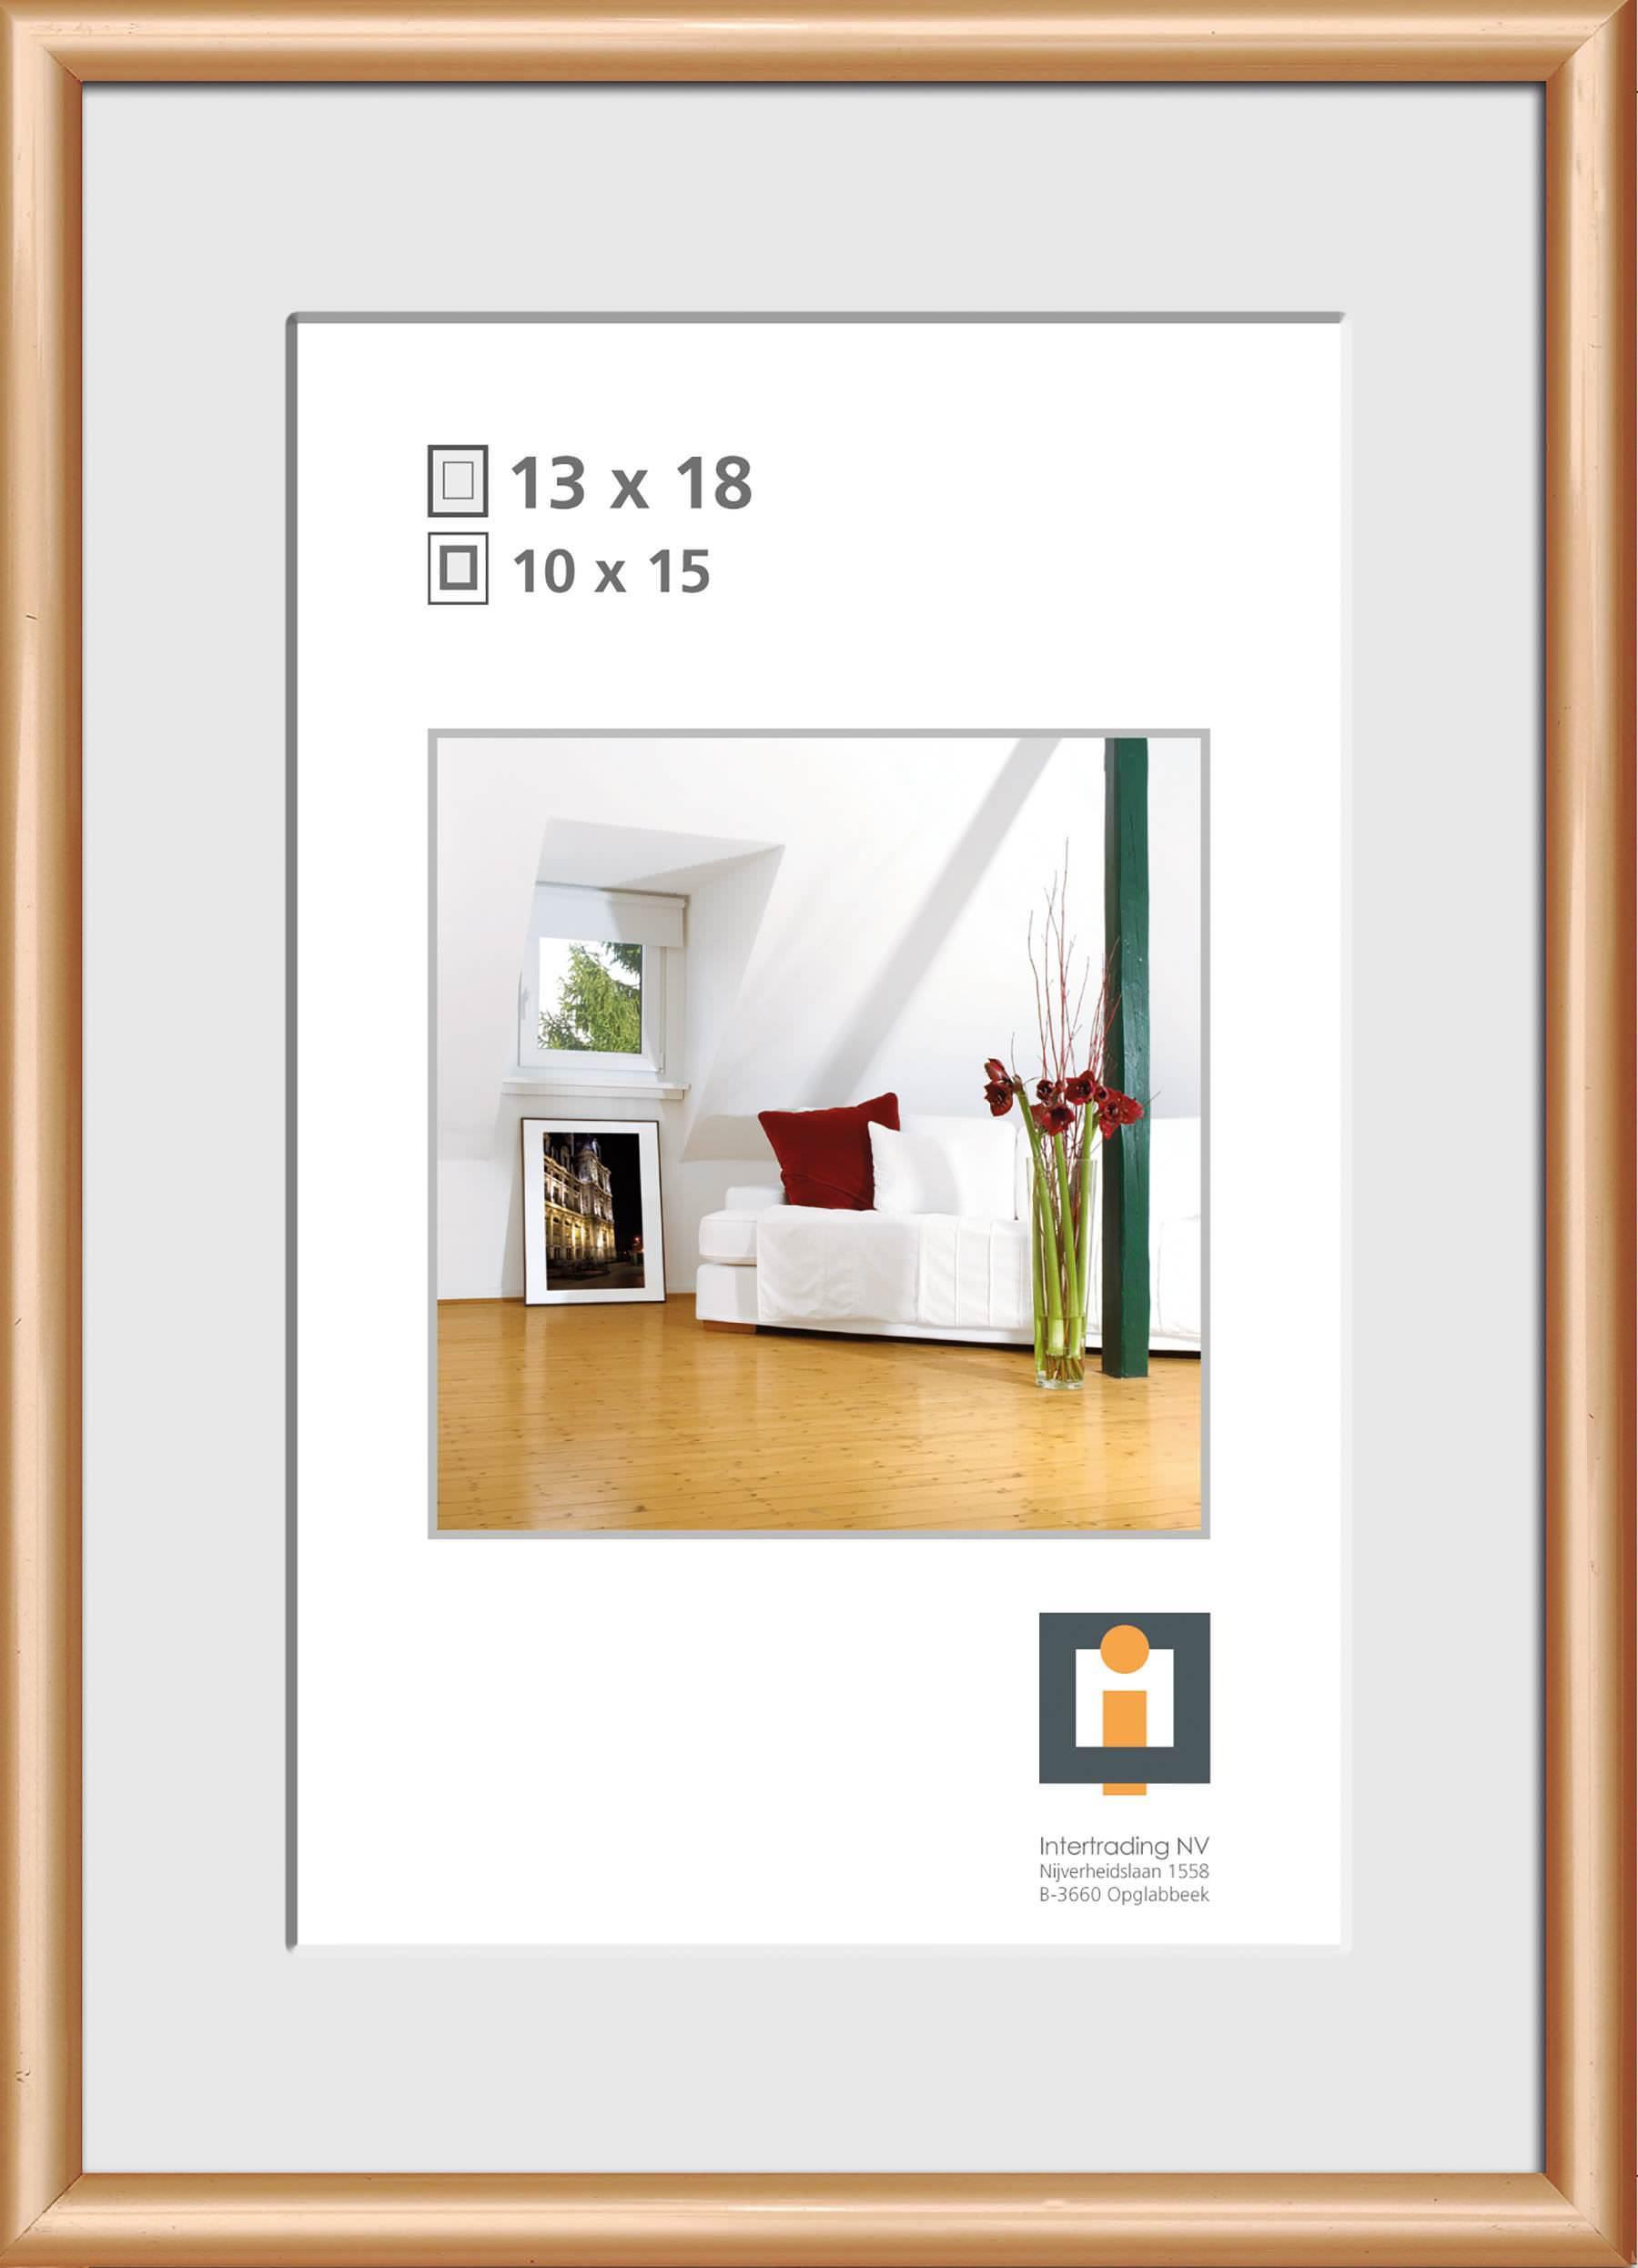 kunststoff bilderrahmen trend kunststoff bilderrahmen bilderrahmen bilderrahmen. Black Bedroom Furniture Sets. Home Design Ideas